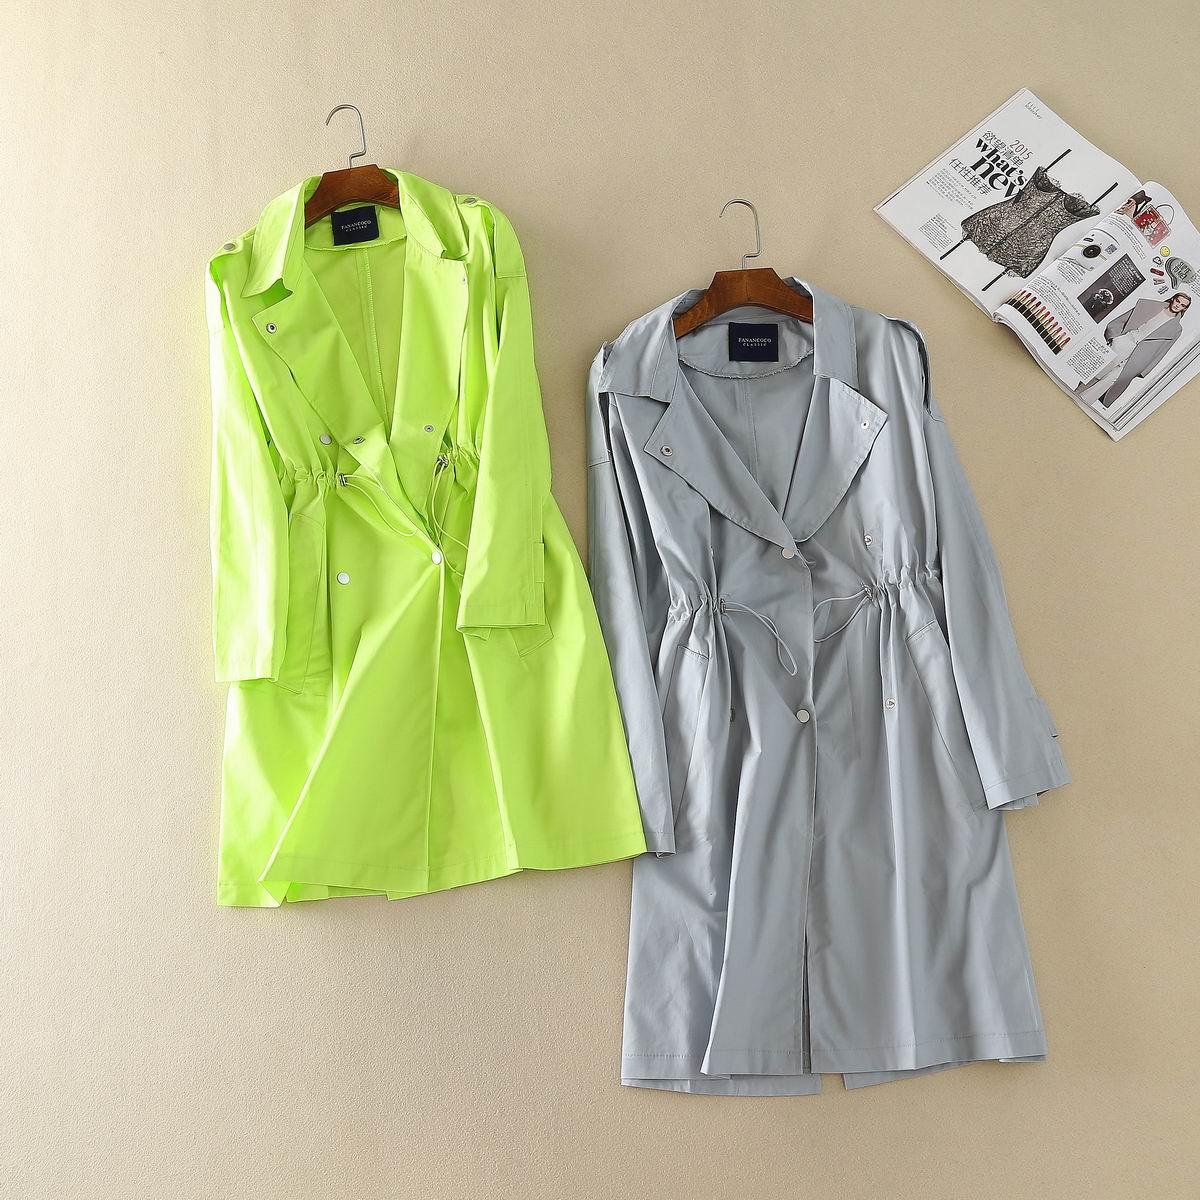 绿色风衣 韩版文艺复古纯色大翻领肩章抽绳收腰棉质中长款风衣外套0.52kg_推荐淘宝好看的绿色风衣